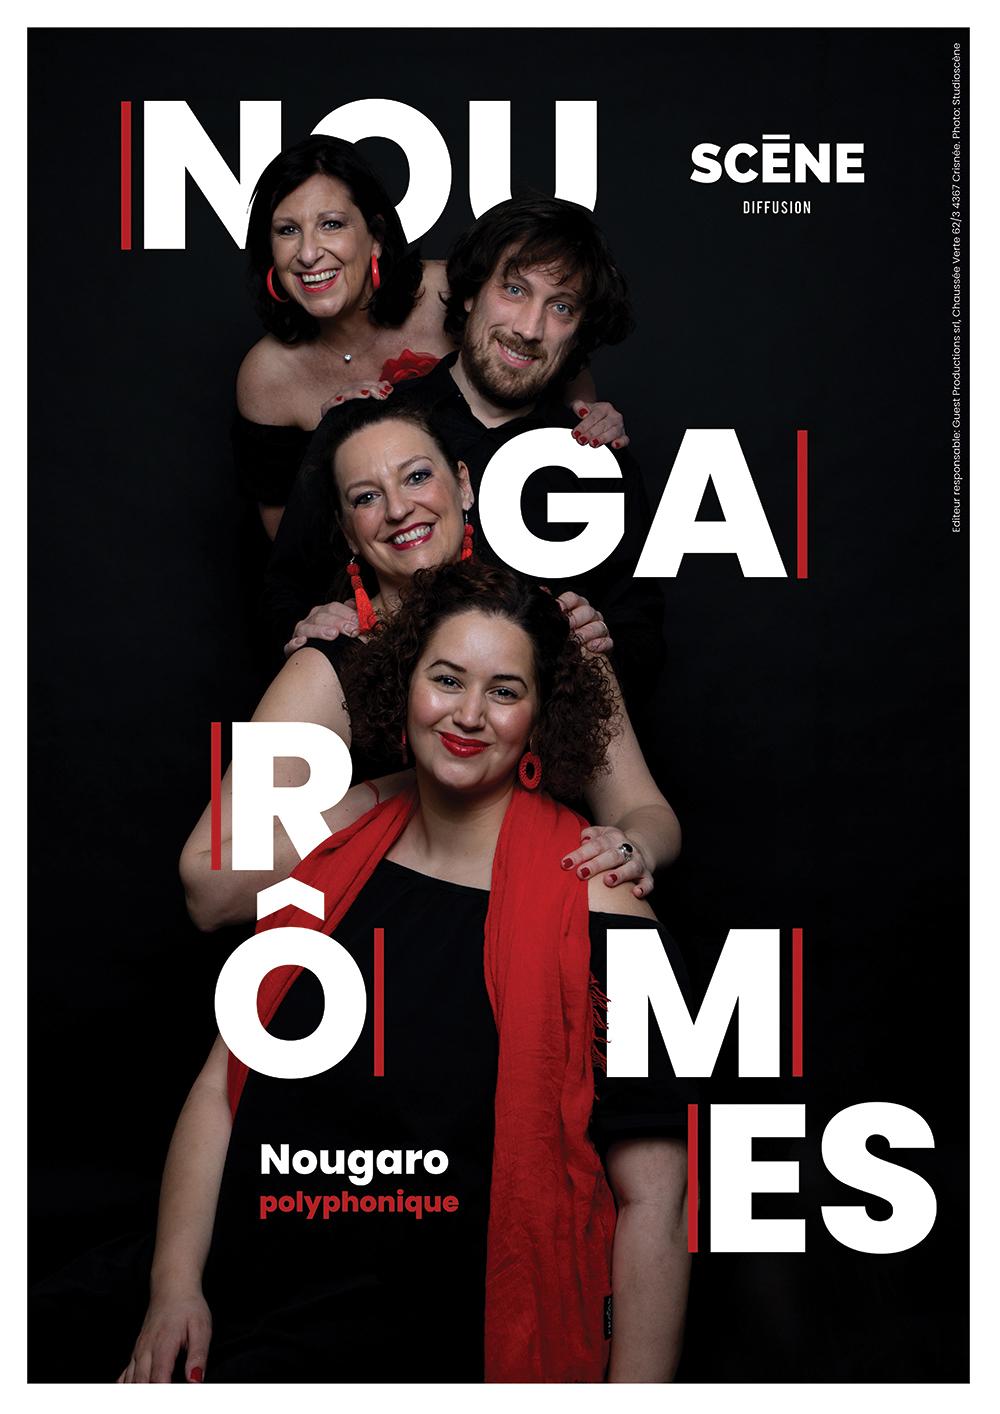 Nougarômes, spectacle d'un groupe liégeois qui revisite les classiques de Claude Nougaro